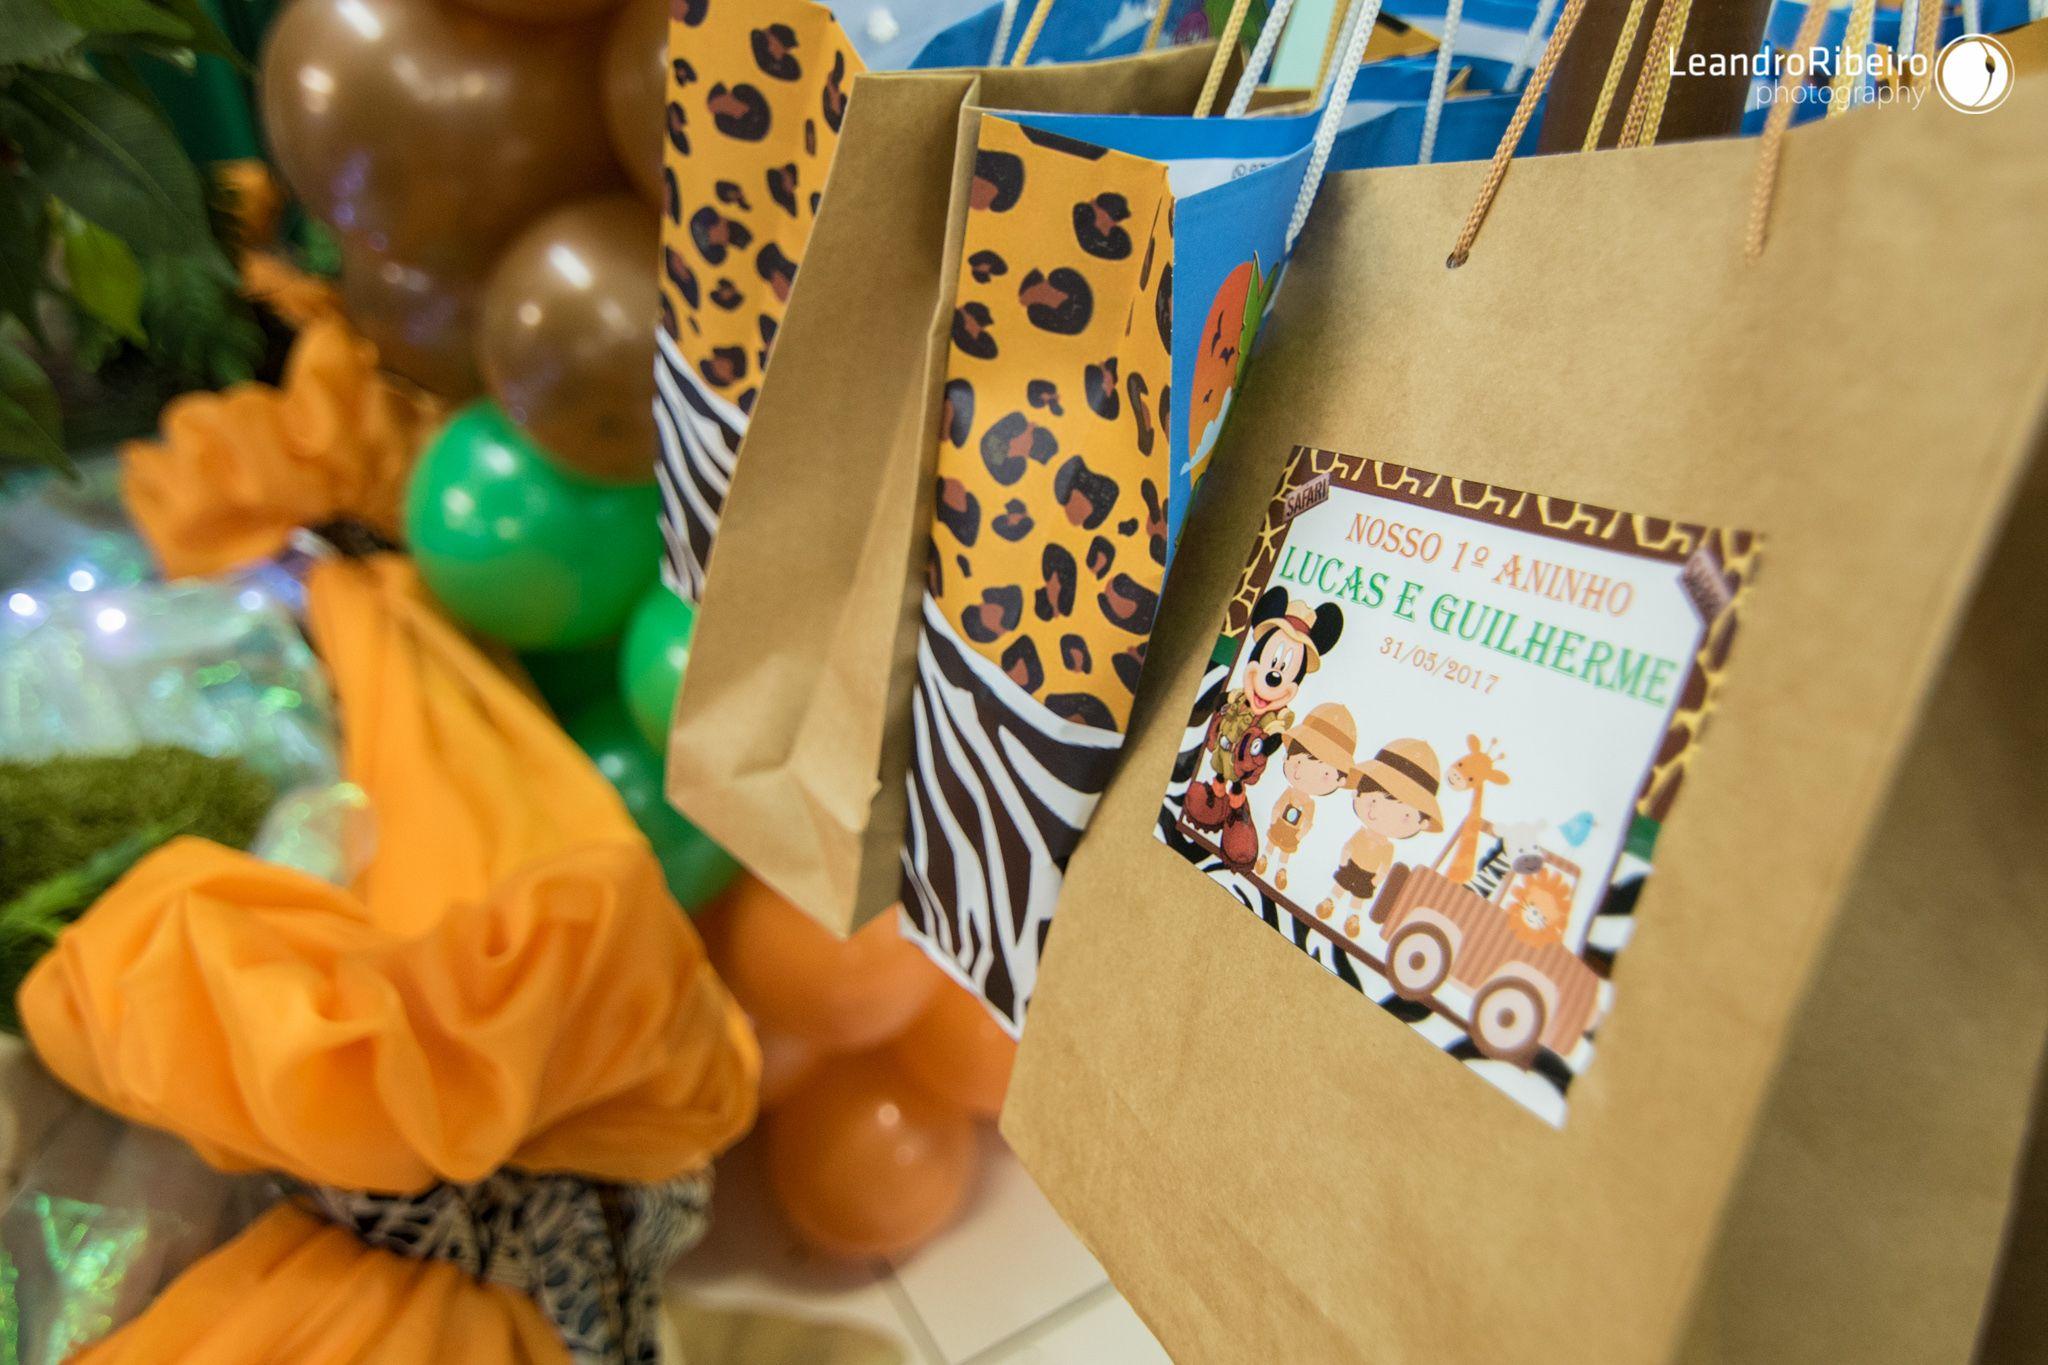 Decoração de Festa Infantil - FESTA MICKEY FLORESTA - SAFÁRI DO MICKEY - Leandro Ribeiro Photography